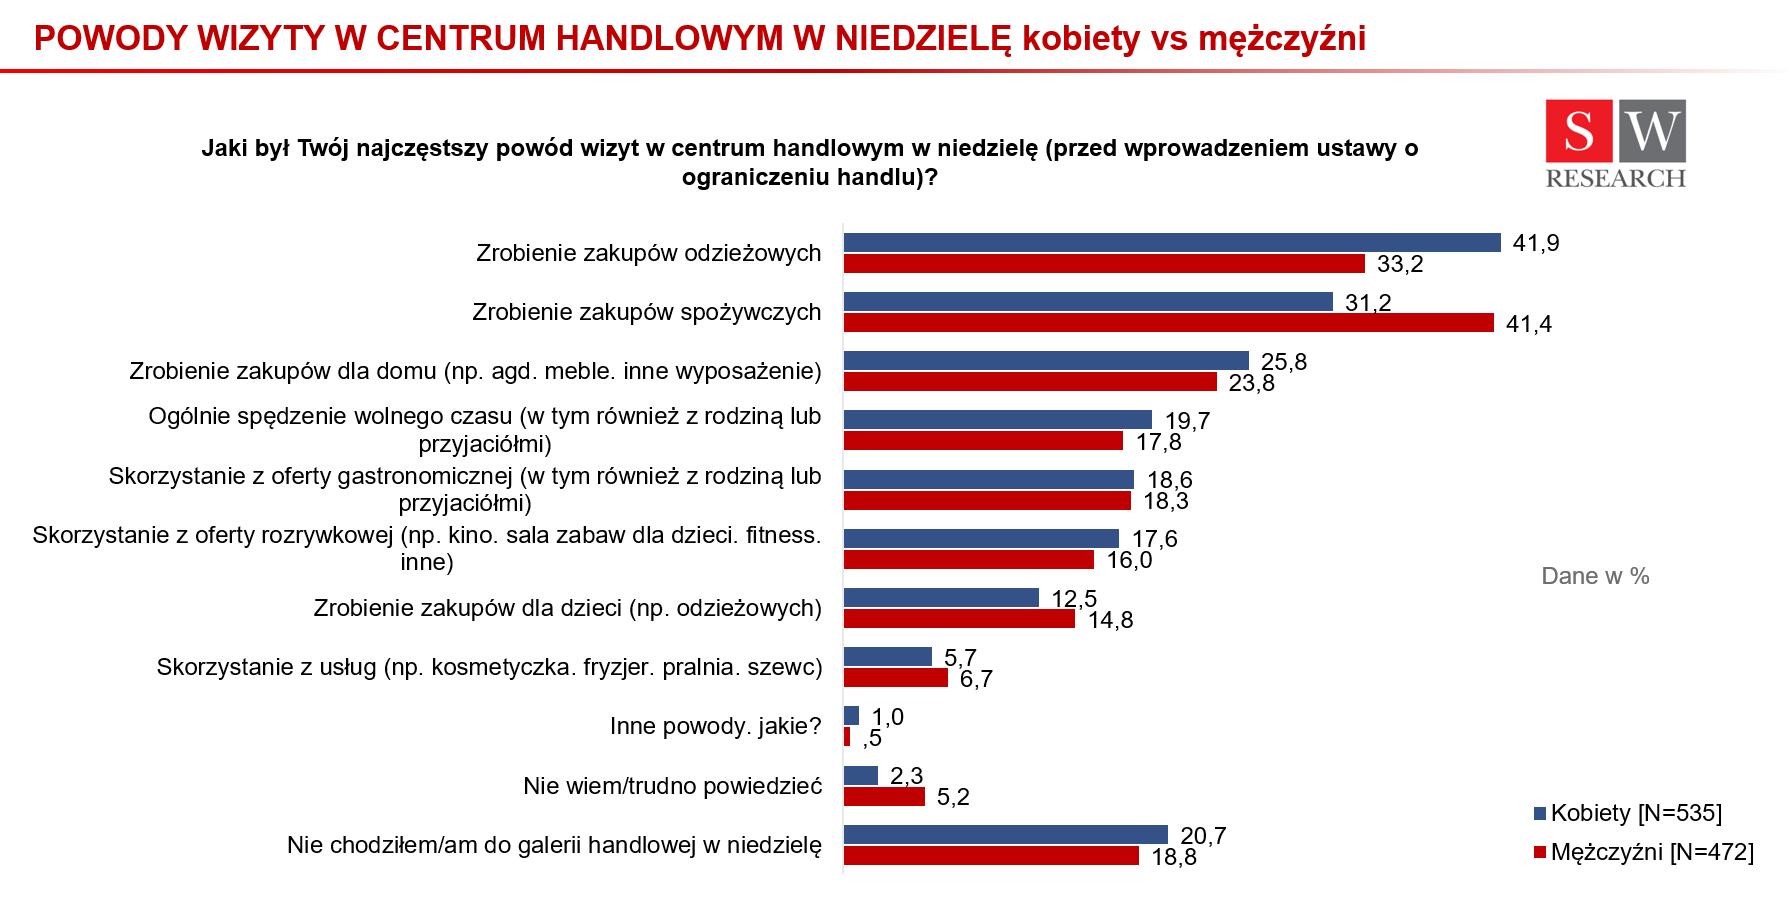 Powody wizyty w centrach handlowych w niedziele_kobiety vs mężczyźni_wykres 1